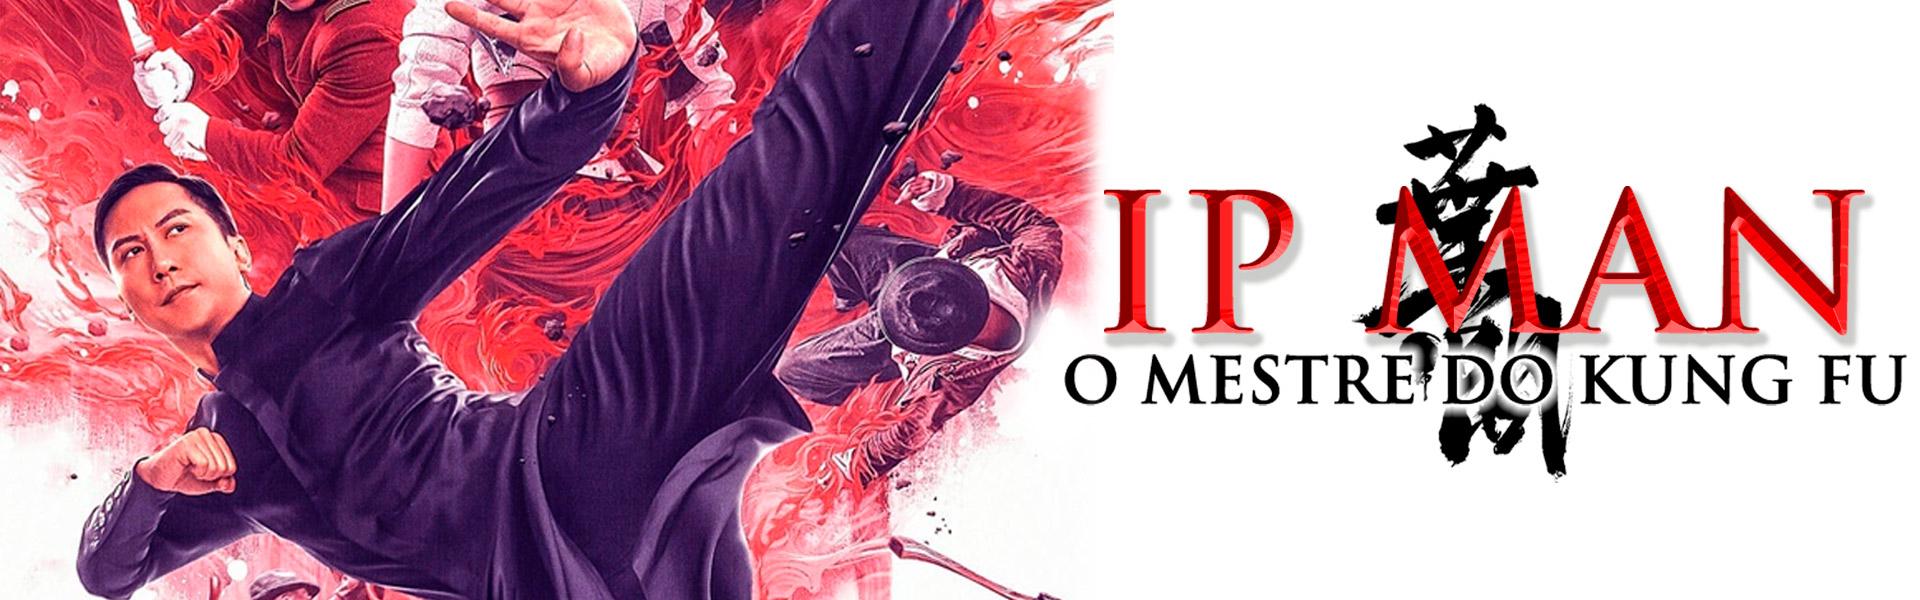 Ip Man: O Mestre do Kung Fu